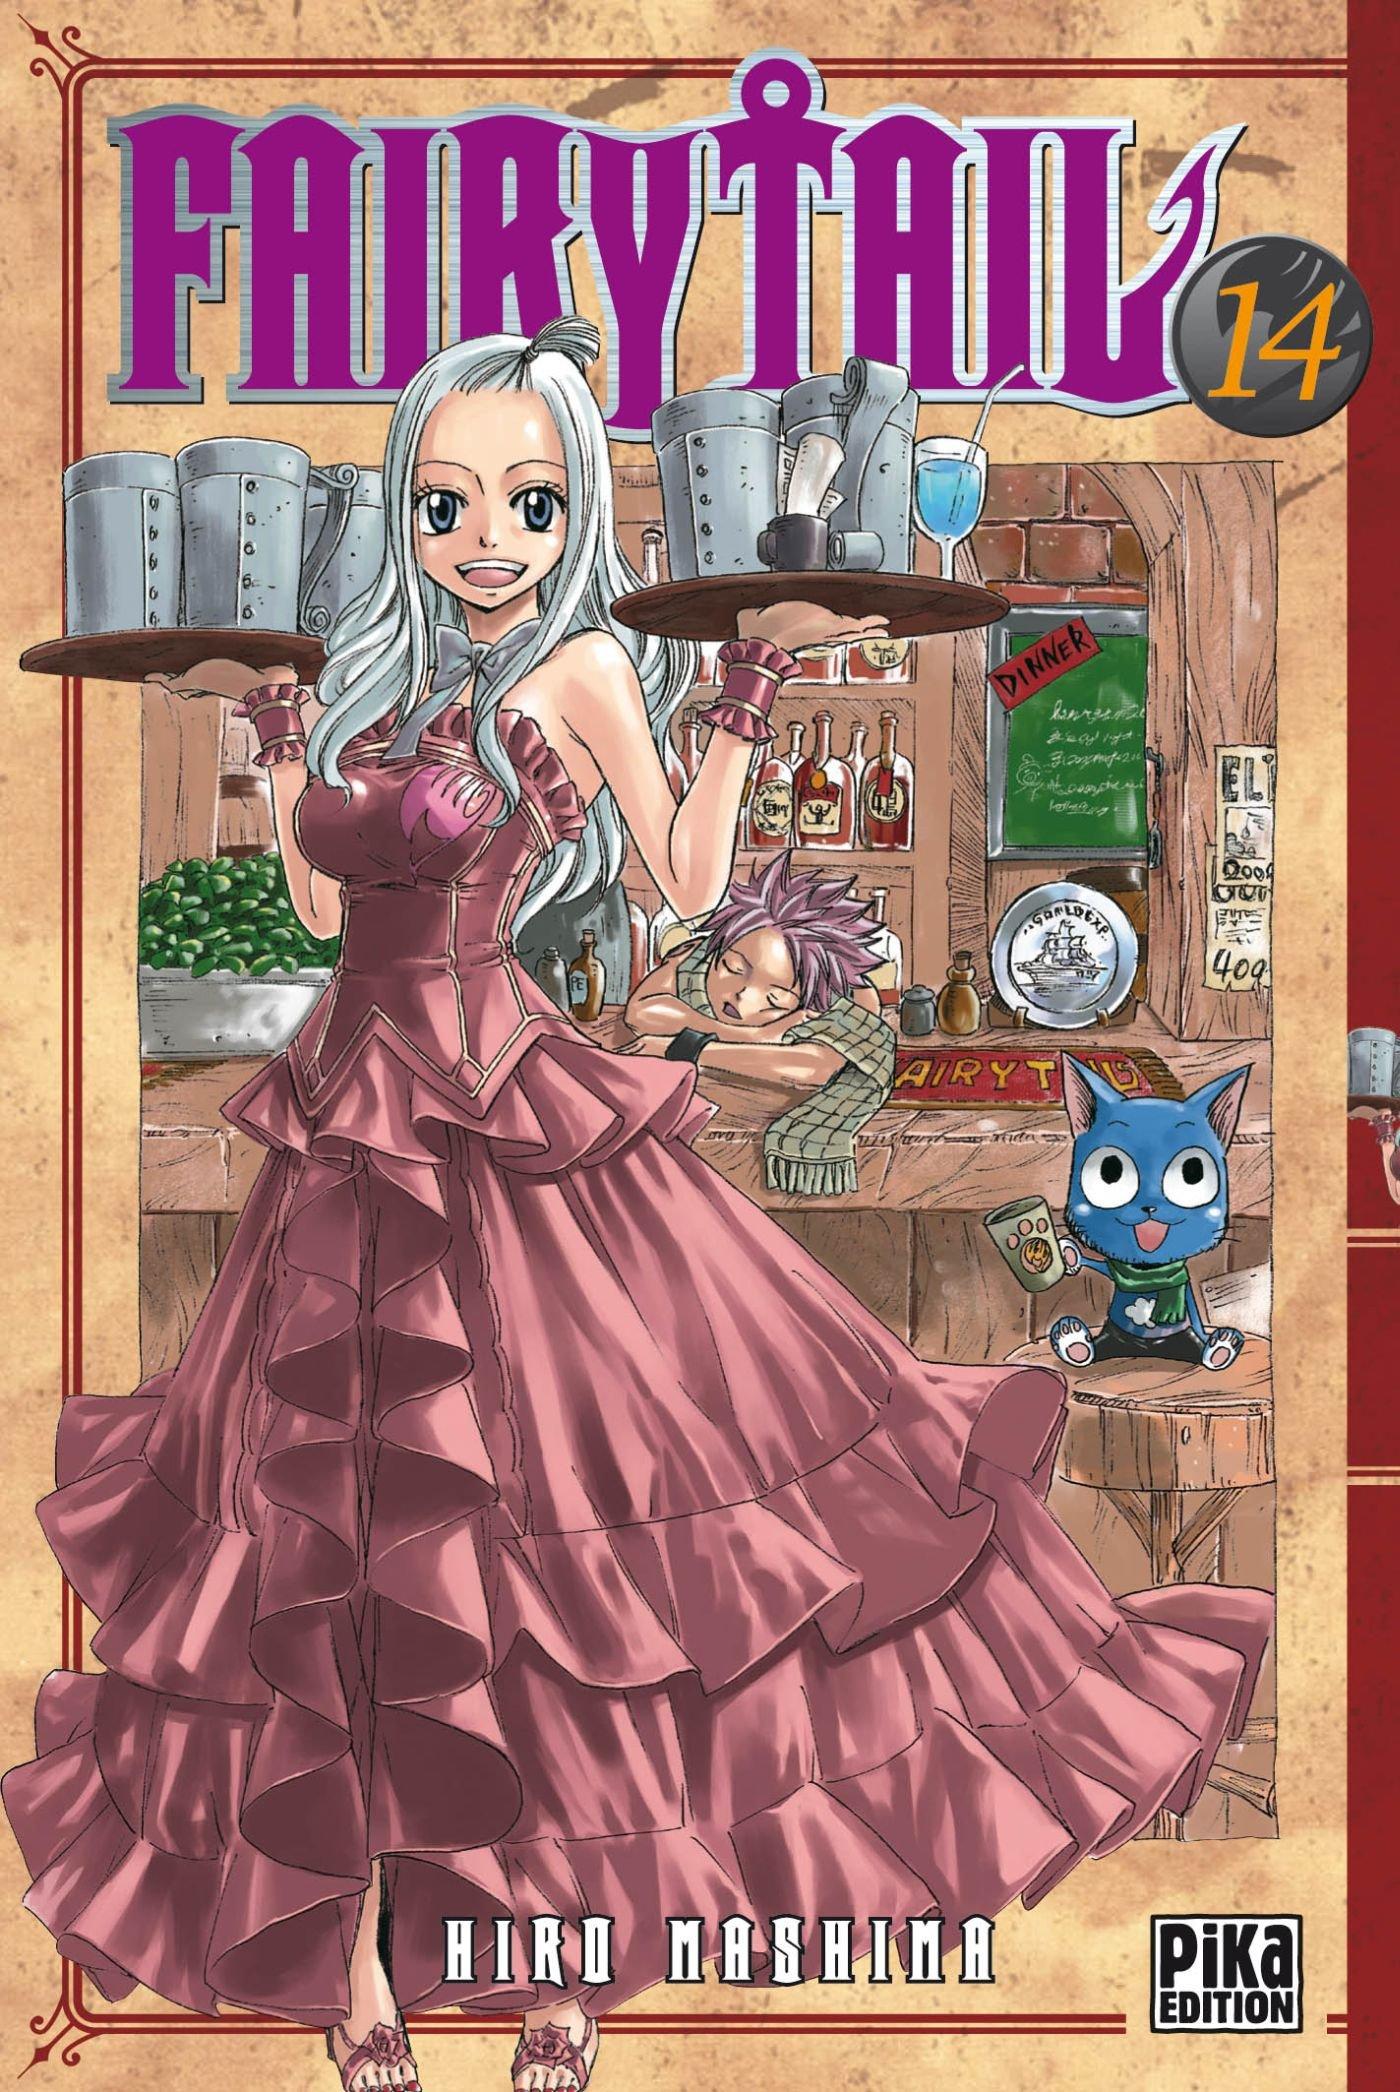 Fairy Tail T 14 Hiro Mashima 9782811603380 Books Amazon Ca